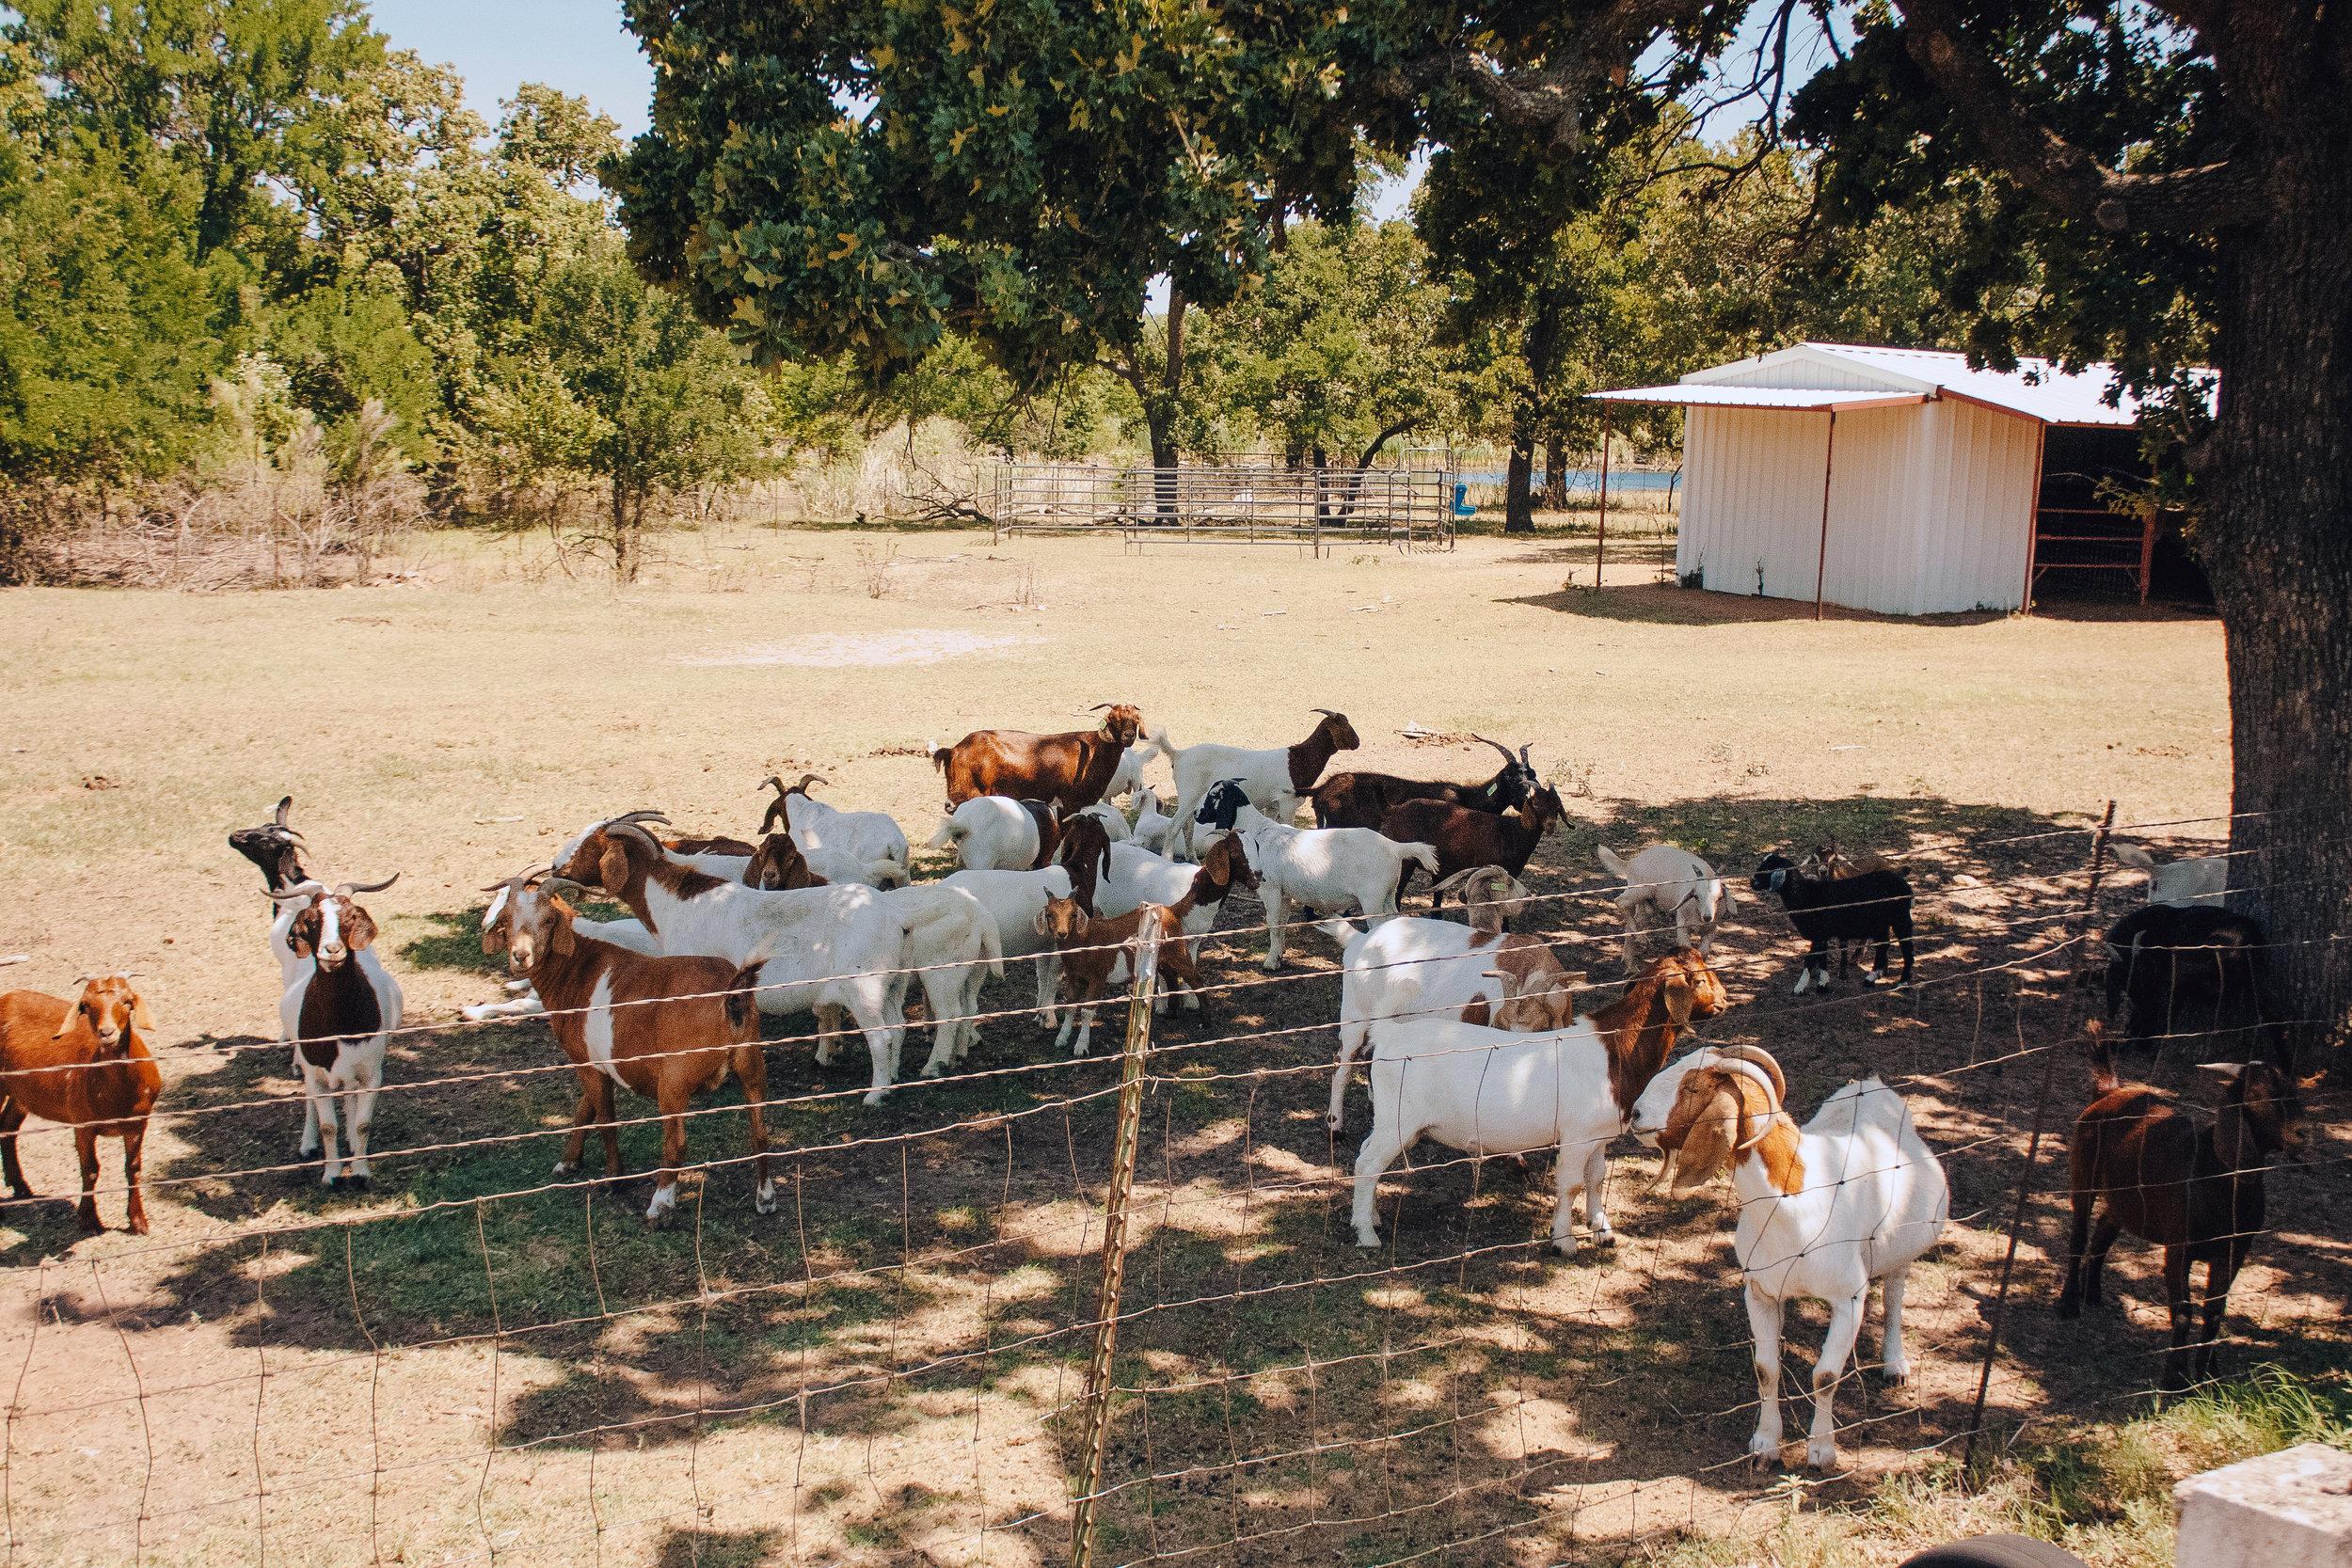 Livestock32.jpg